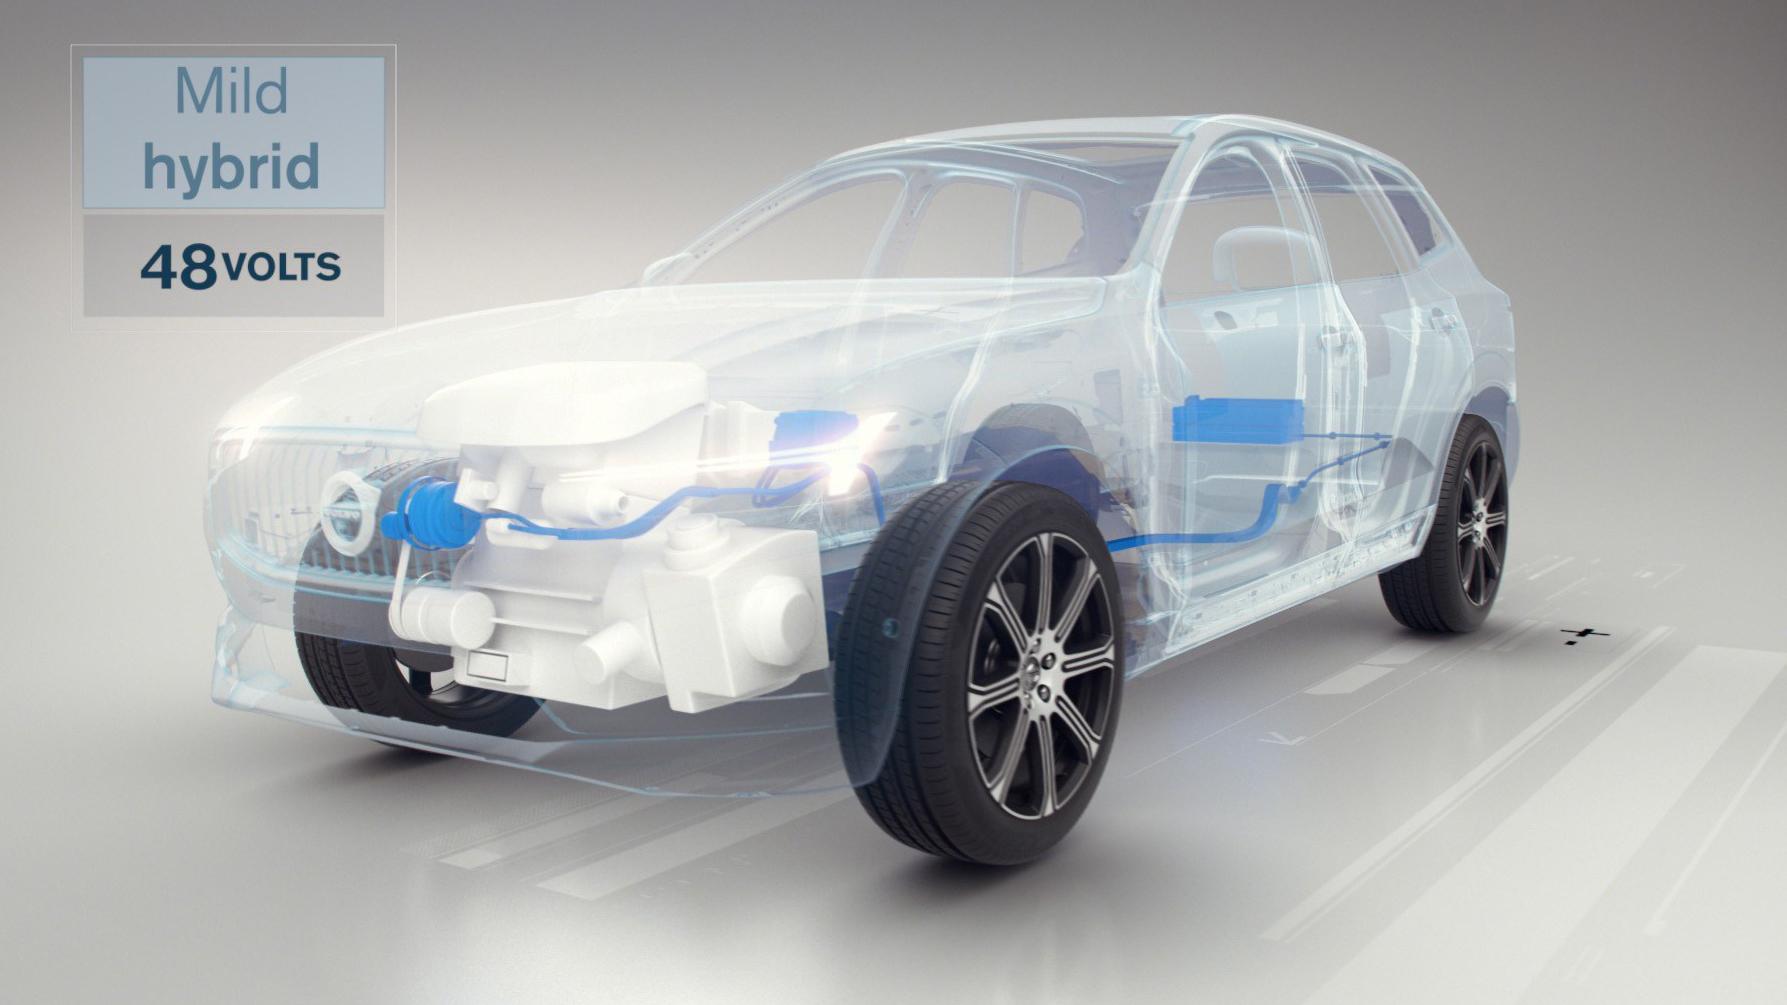 Volvo mild hybrid engine